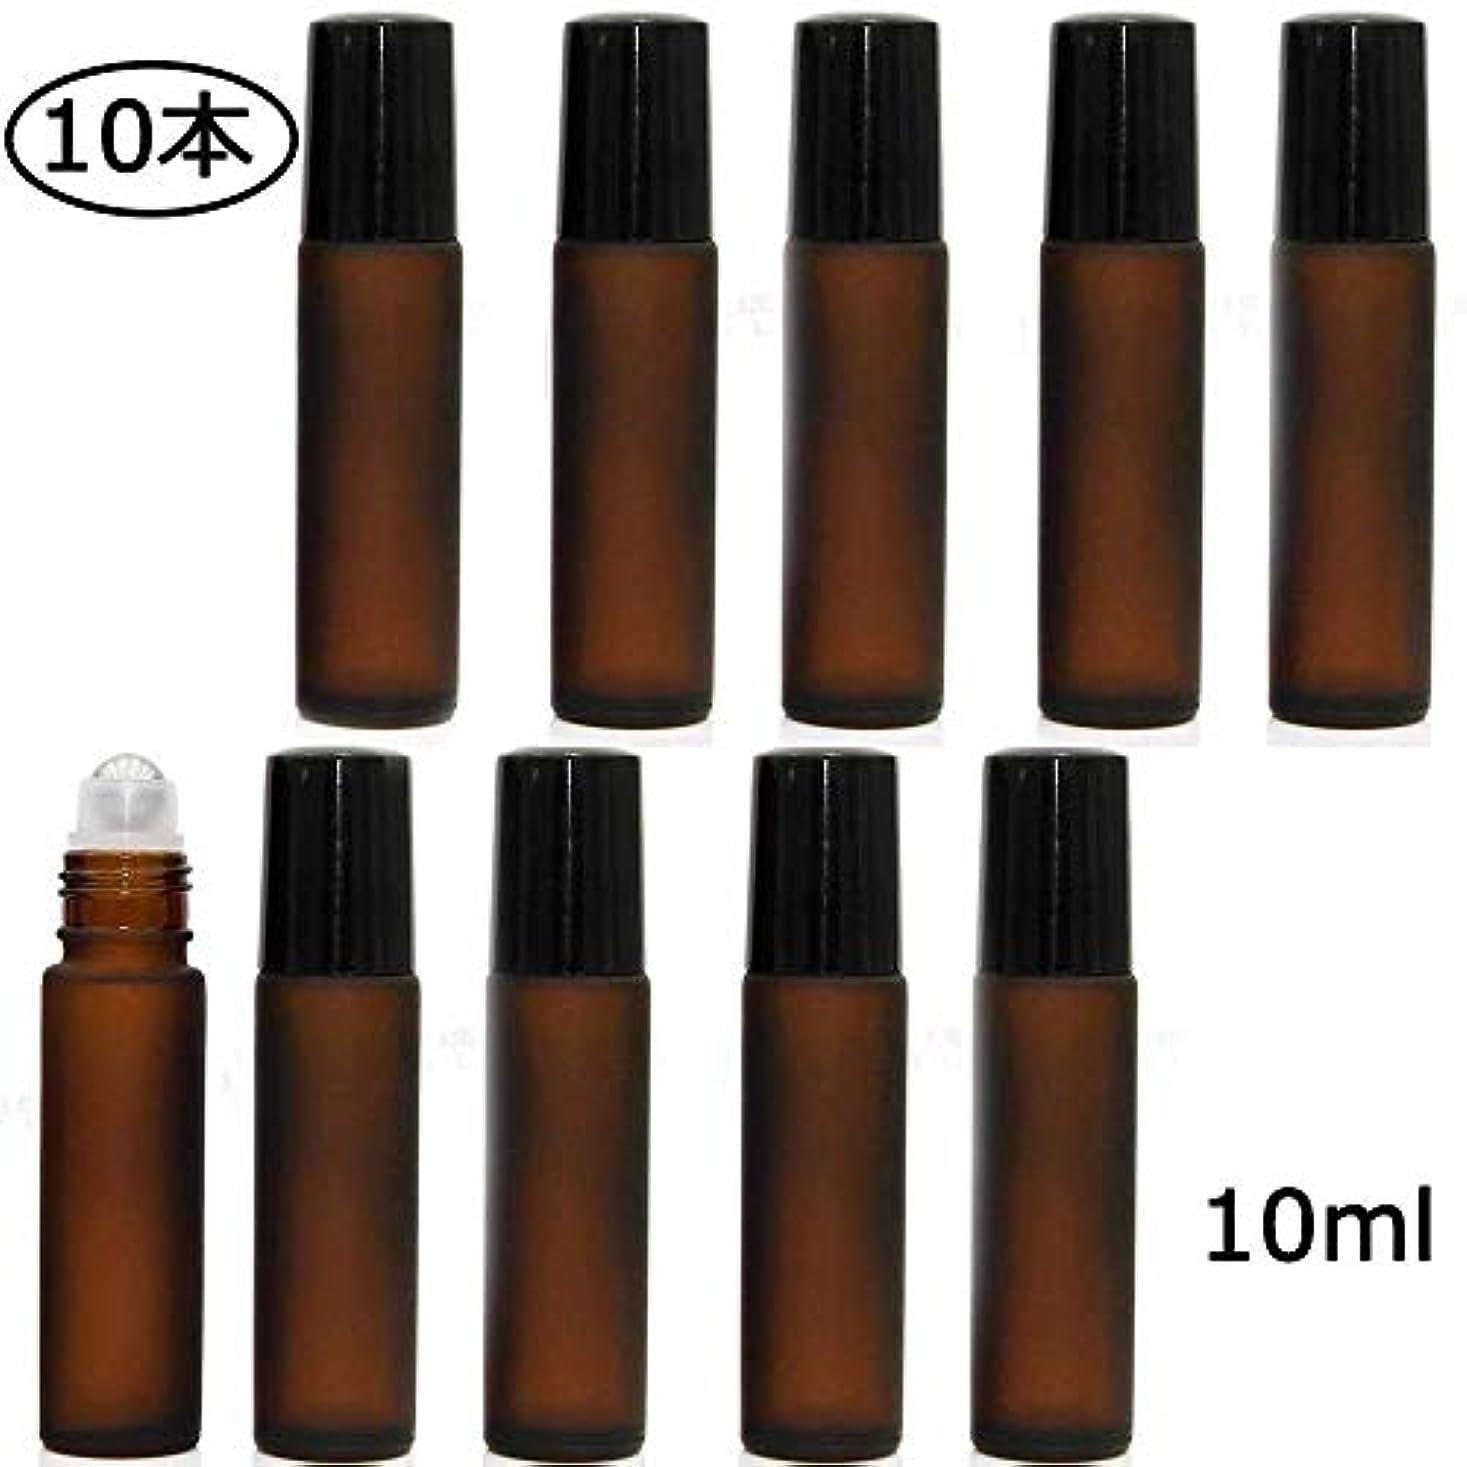 自我欠陥構築するgundoop ロールオンボトル アロマオイル 精油 小分け用 遮光瓶 10ml 10本セット ガラスロールタイプ (茶色)